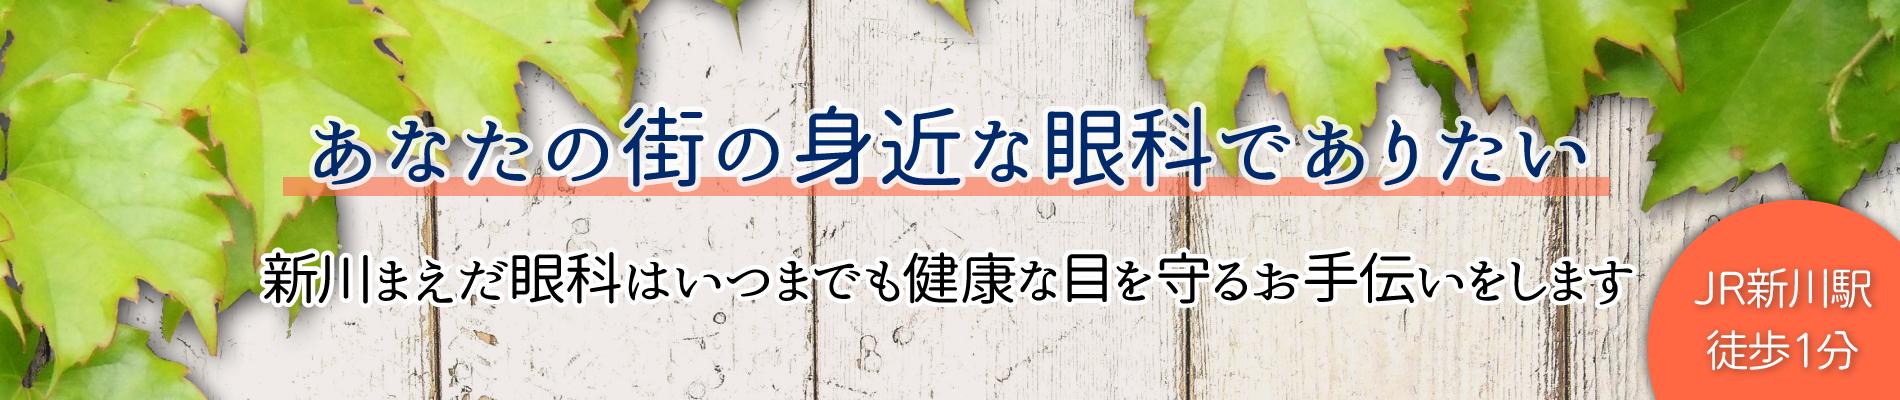 あなたの街の身近な眼科でありたい。JR新川駅 徒歩1分!